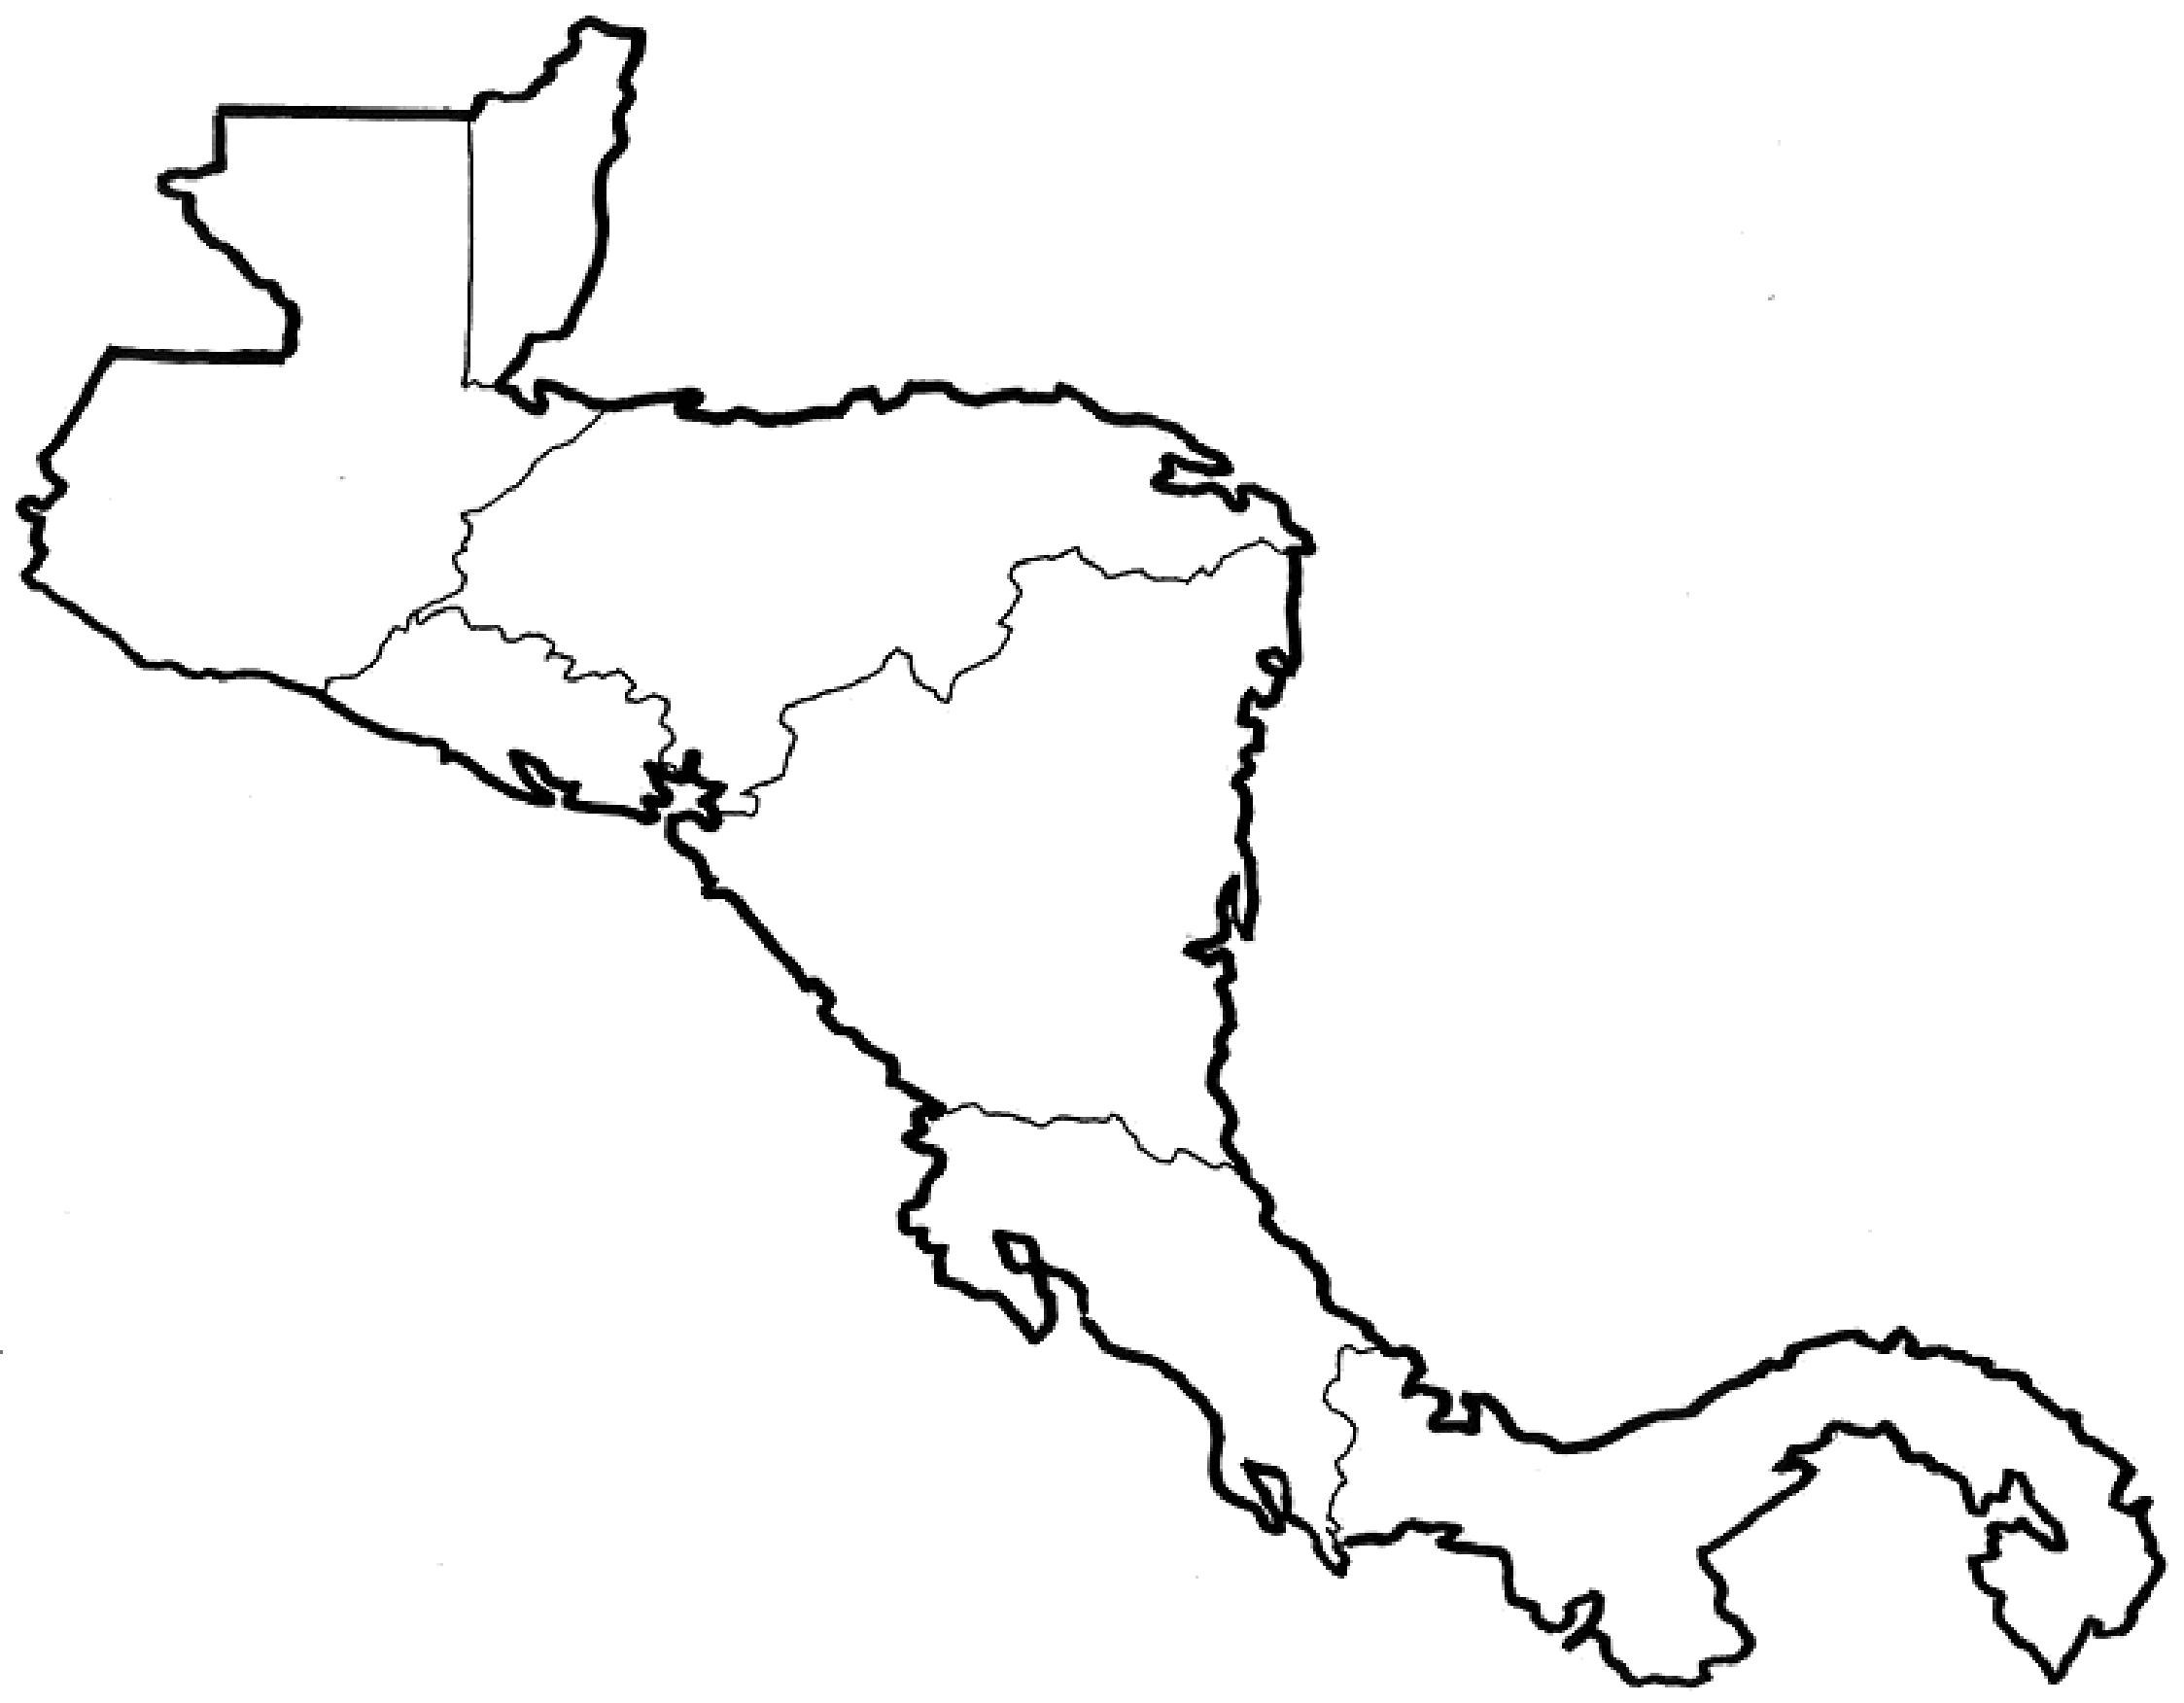 Spanish Speaking in Central America